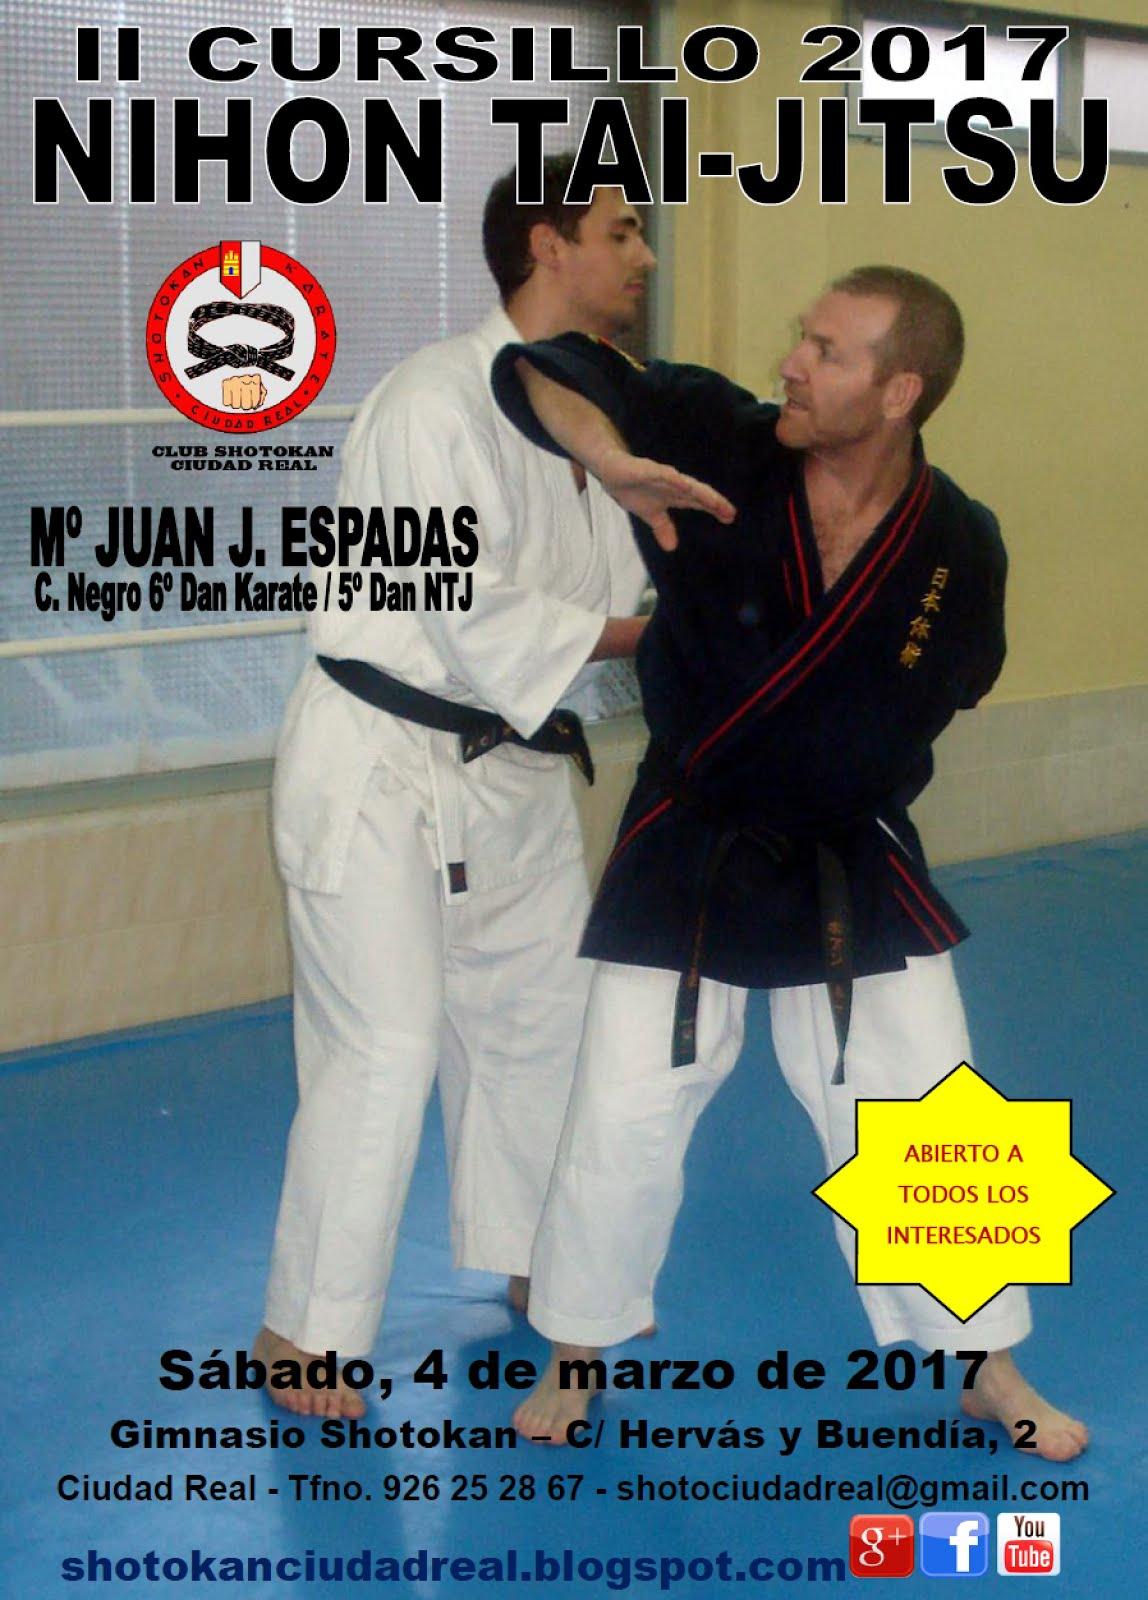 II Cursillo Nihon Tai Jitsu 2017